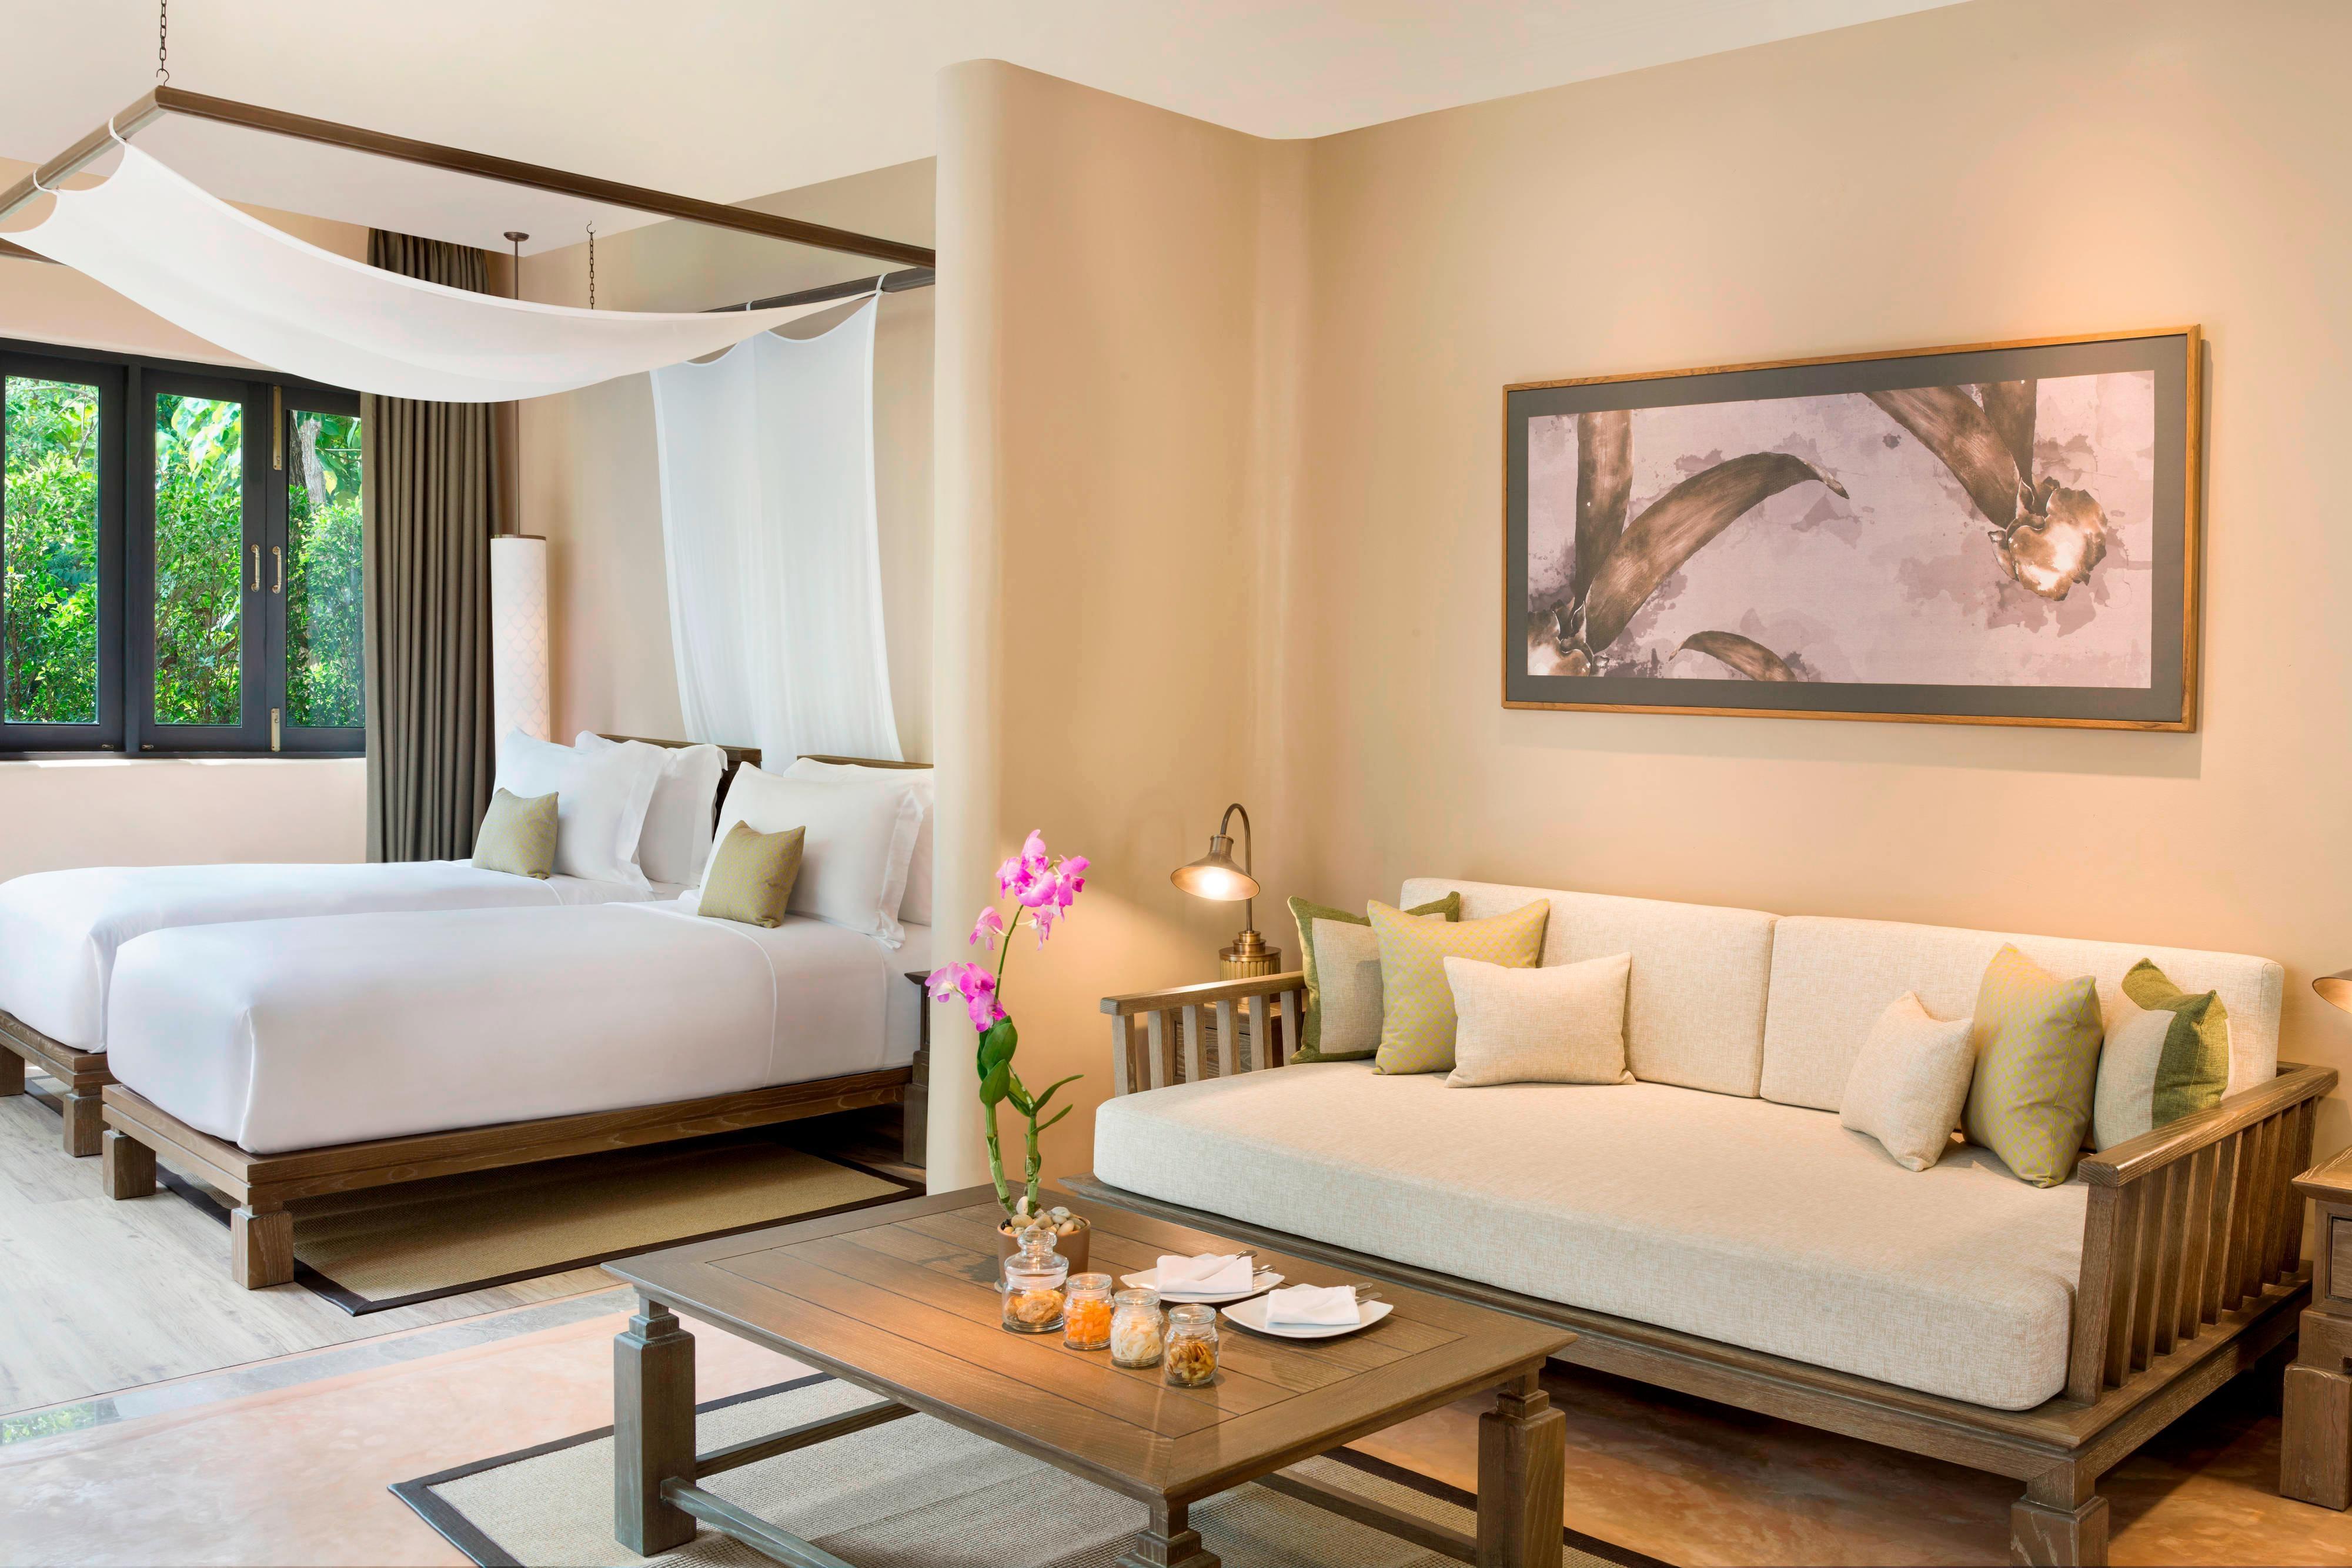 Espace séjour d'une chambre Deluxe avec deux lits jumeaux